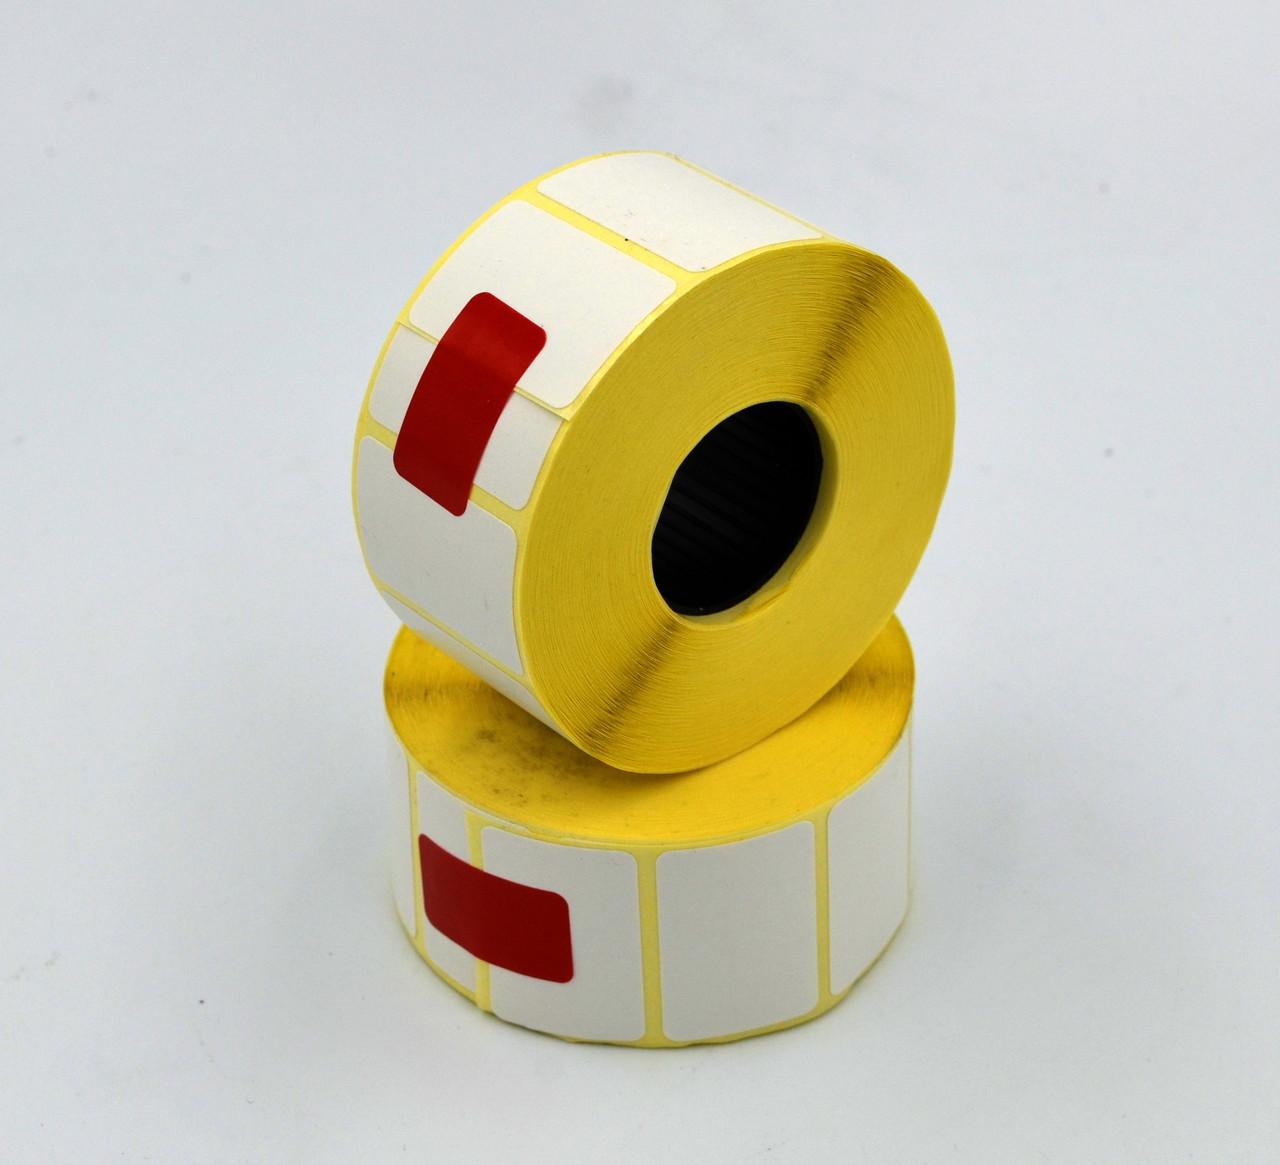 Mobitehnika Термоэтикетка износостойкая ТермоТОП 30*20 1000шт вт. 25мм для этикеточных принтеров